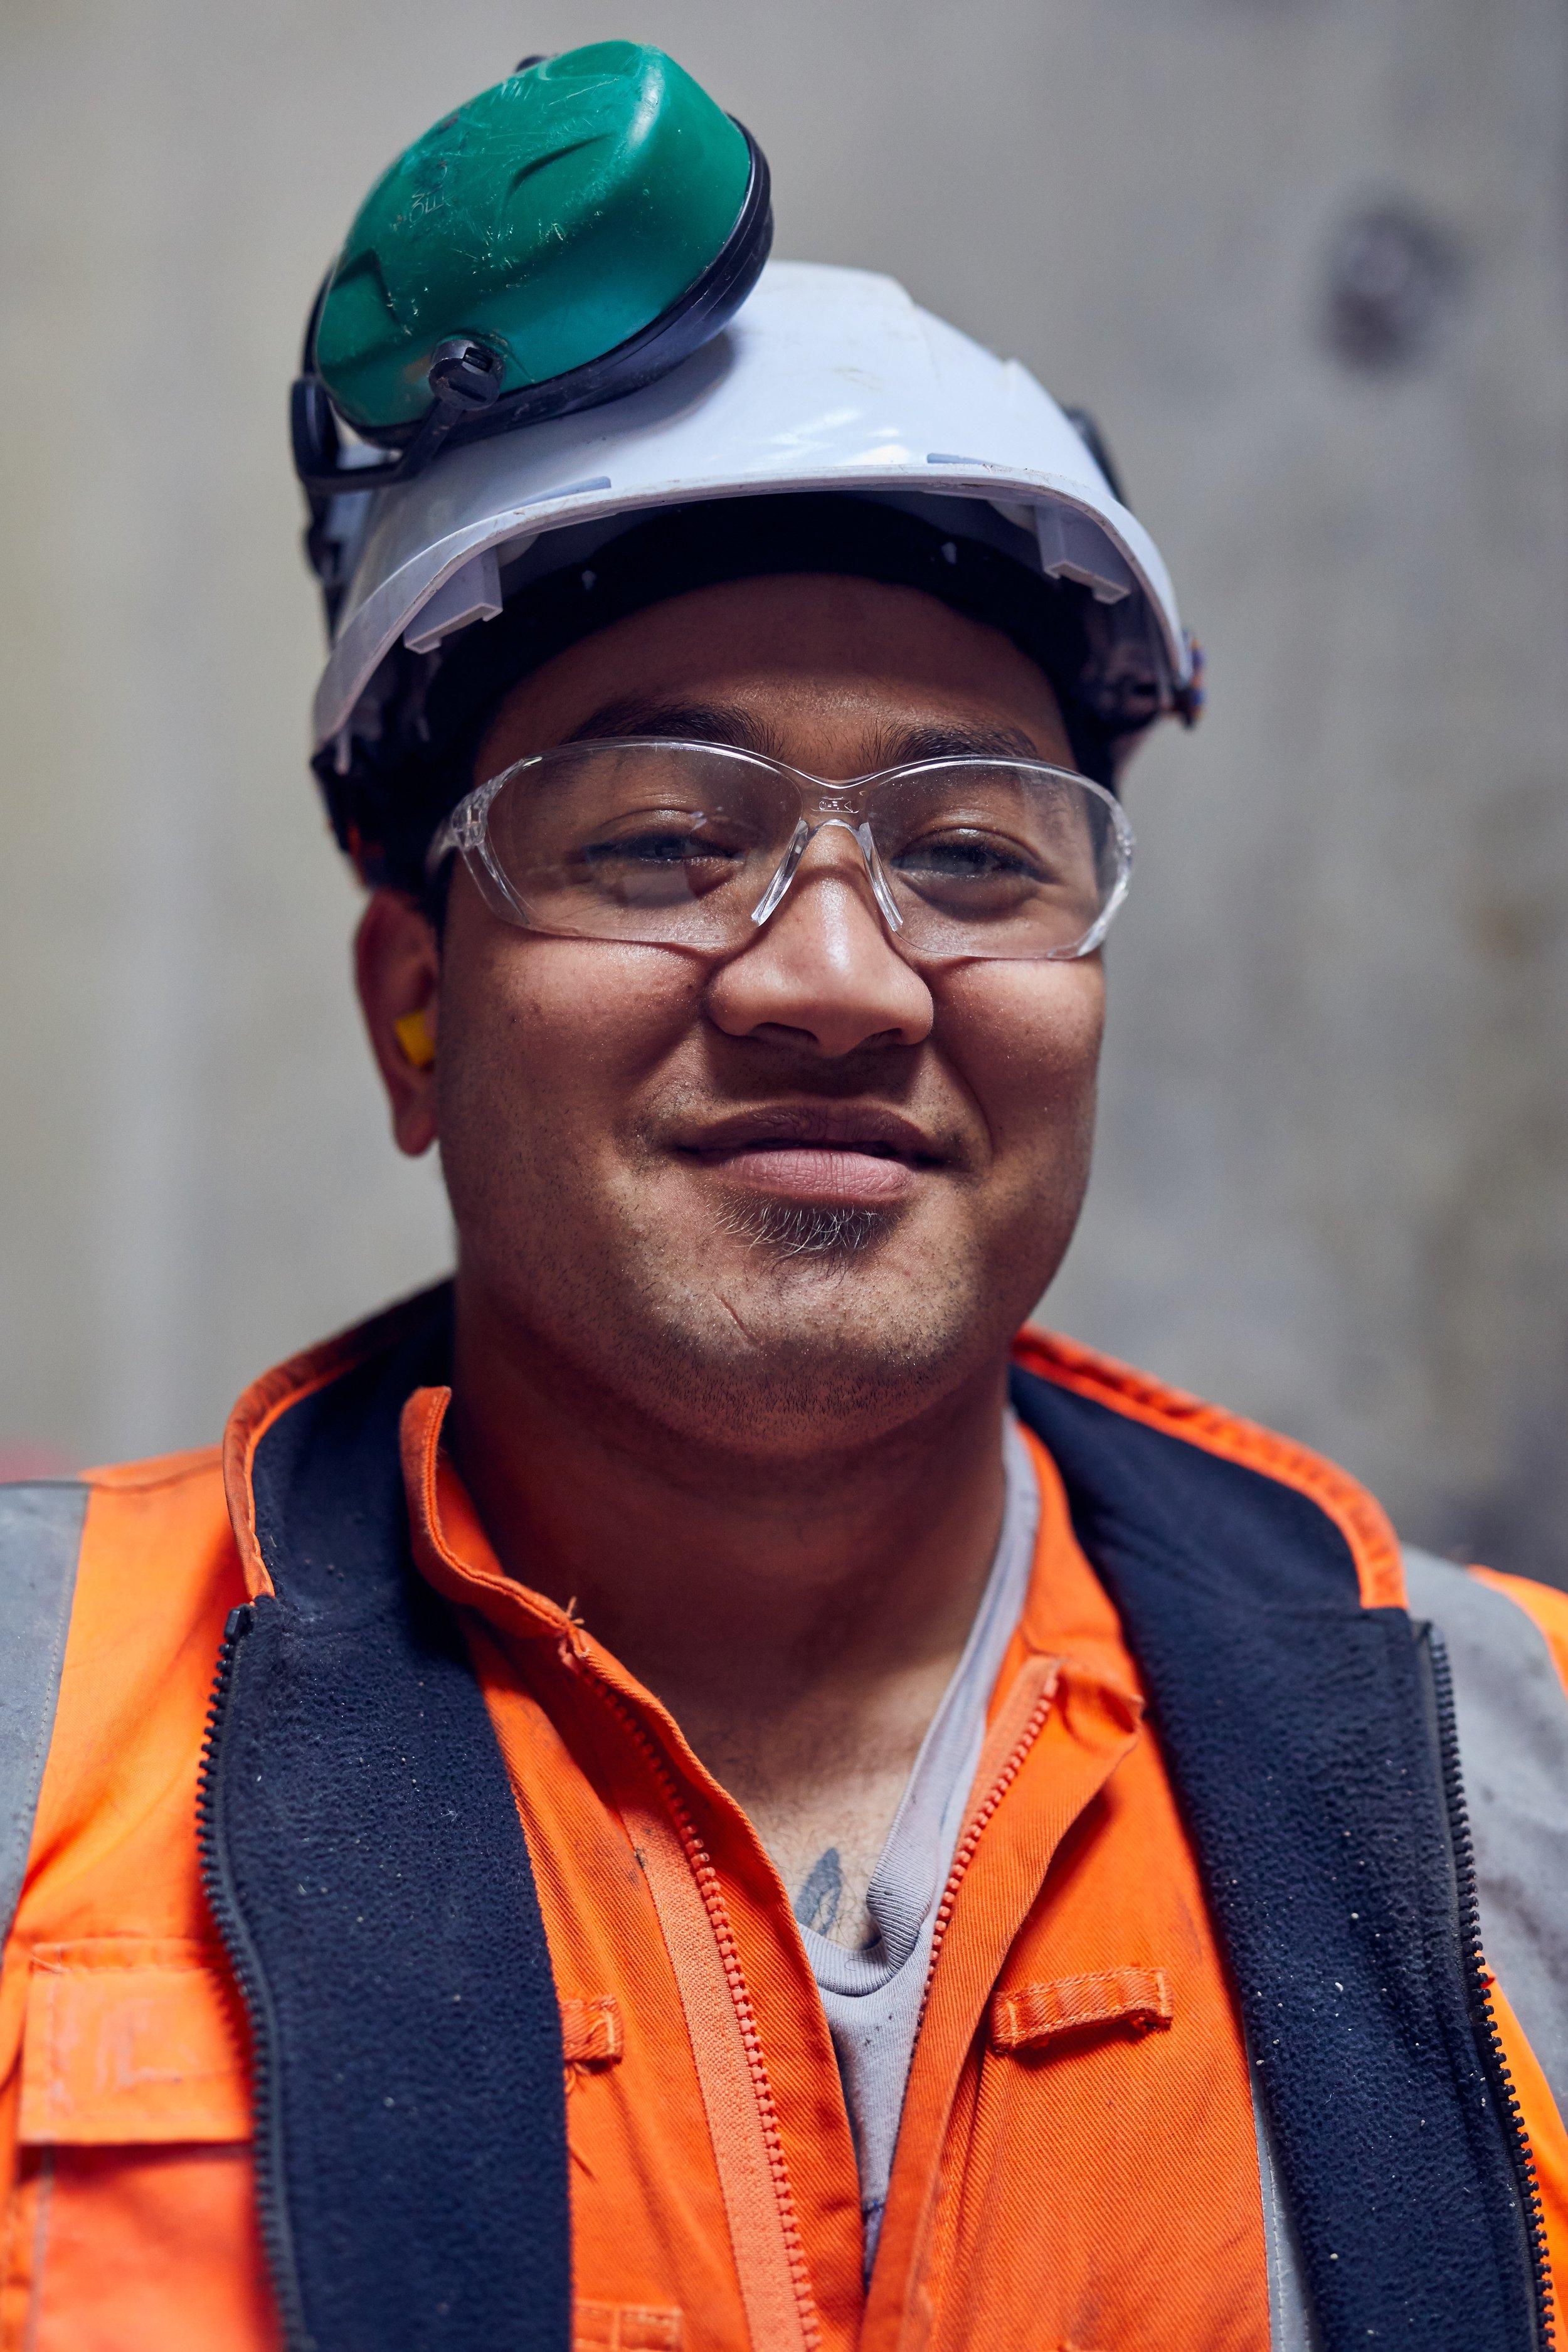 Construction worker June 2019